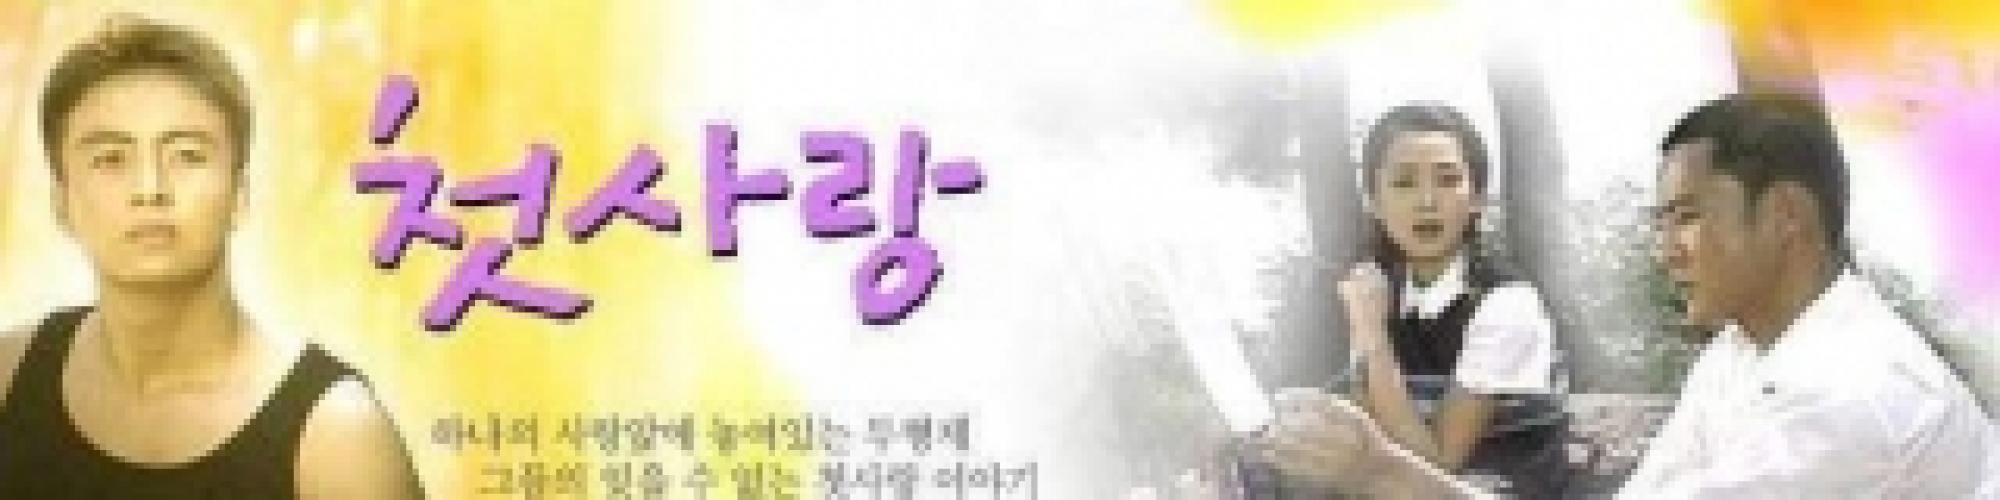 First Love (KR) next episode air date poster